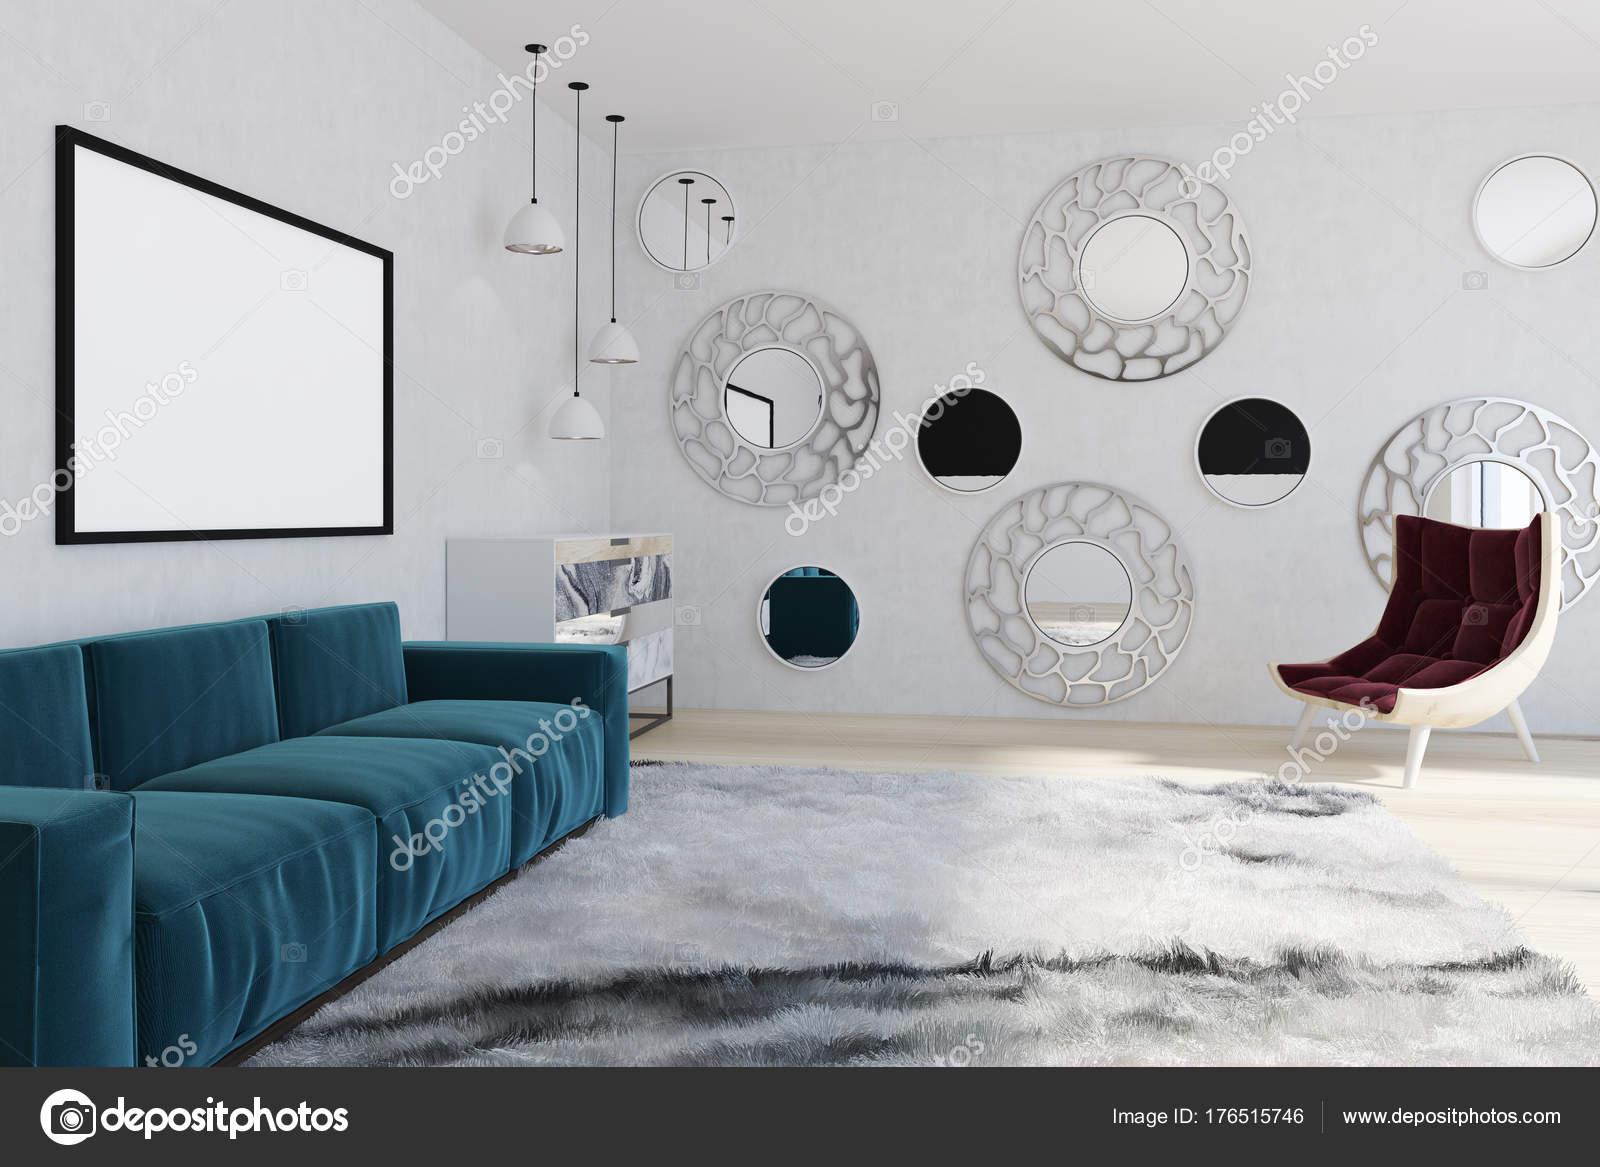 Spiegel Wohnzimmer Blauen Sofa Sessel Stockfoto C Denisismagilov